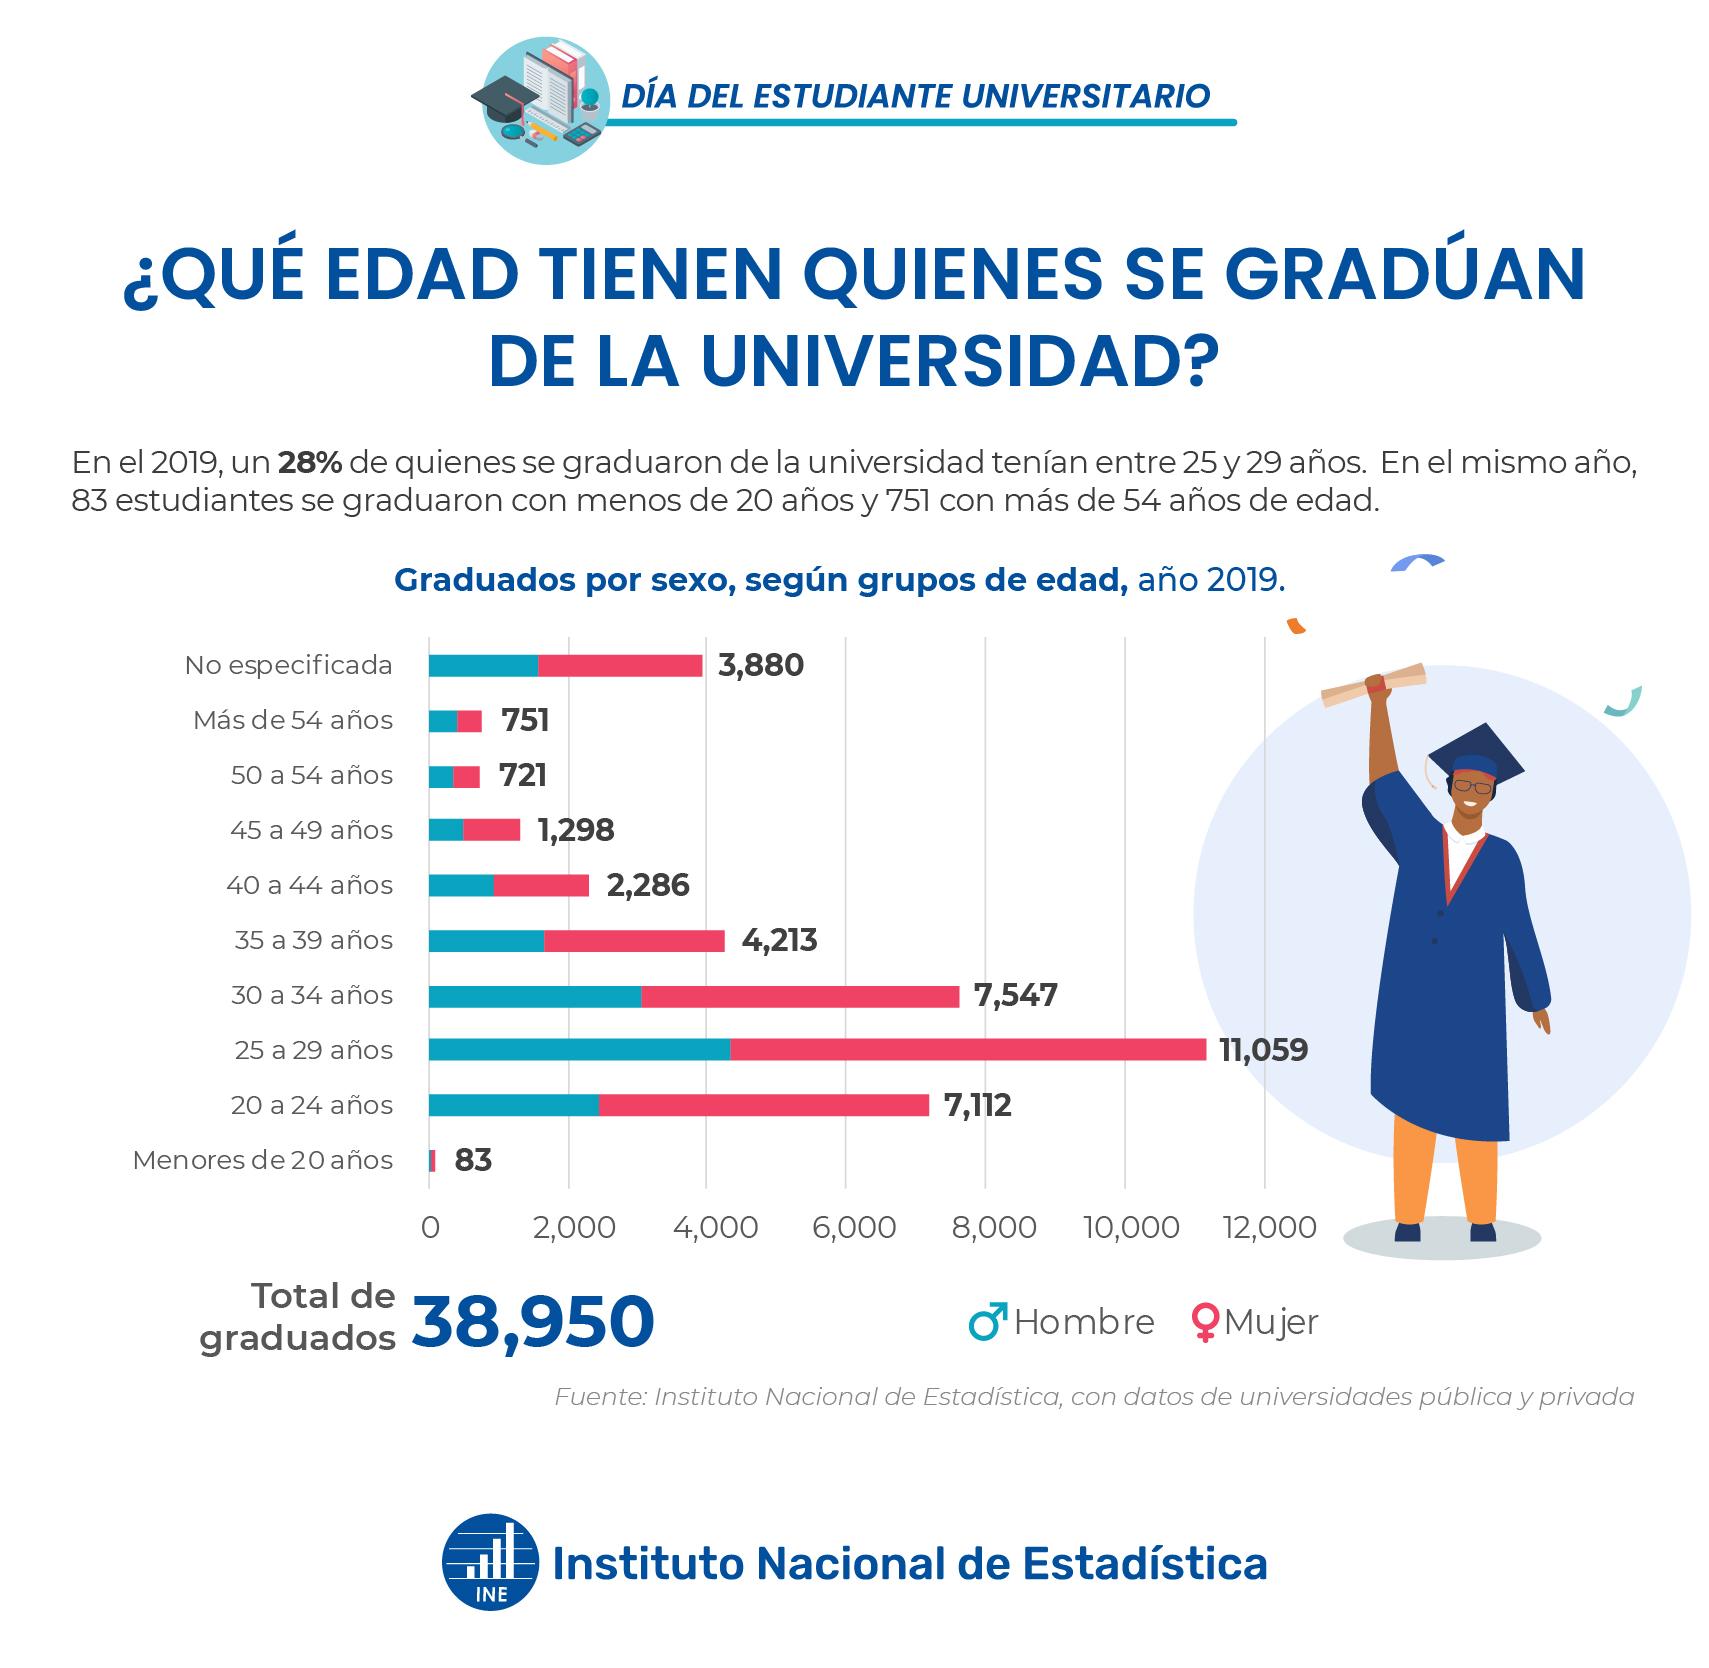 Graduados por sexo, según grupos de edad, año 2019